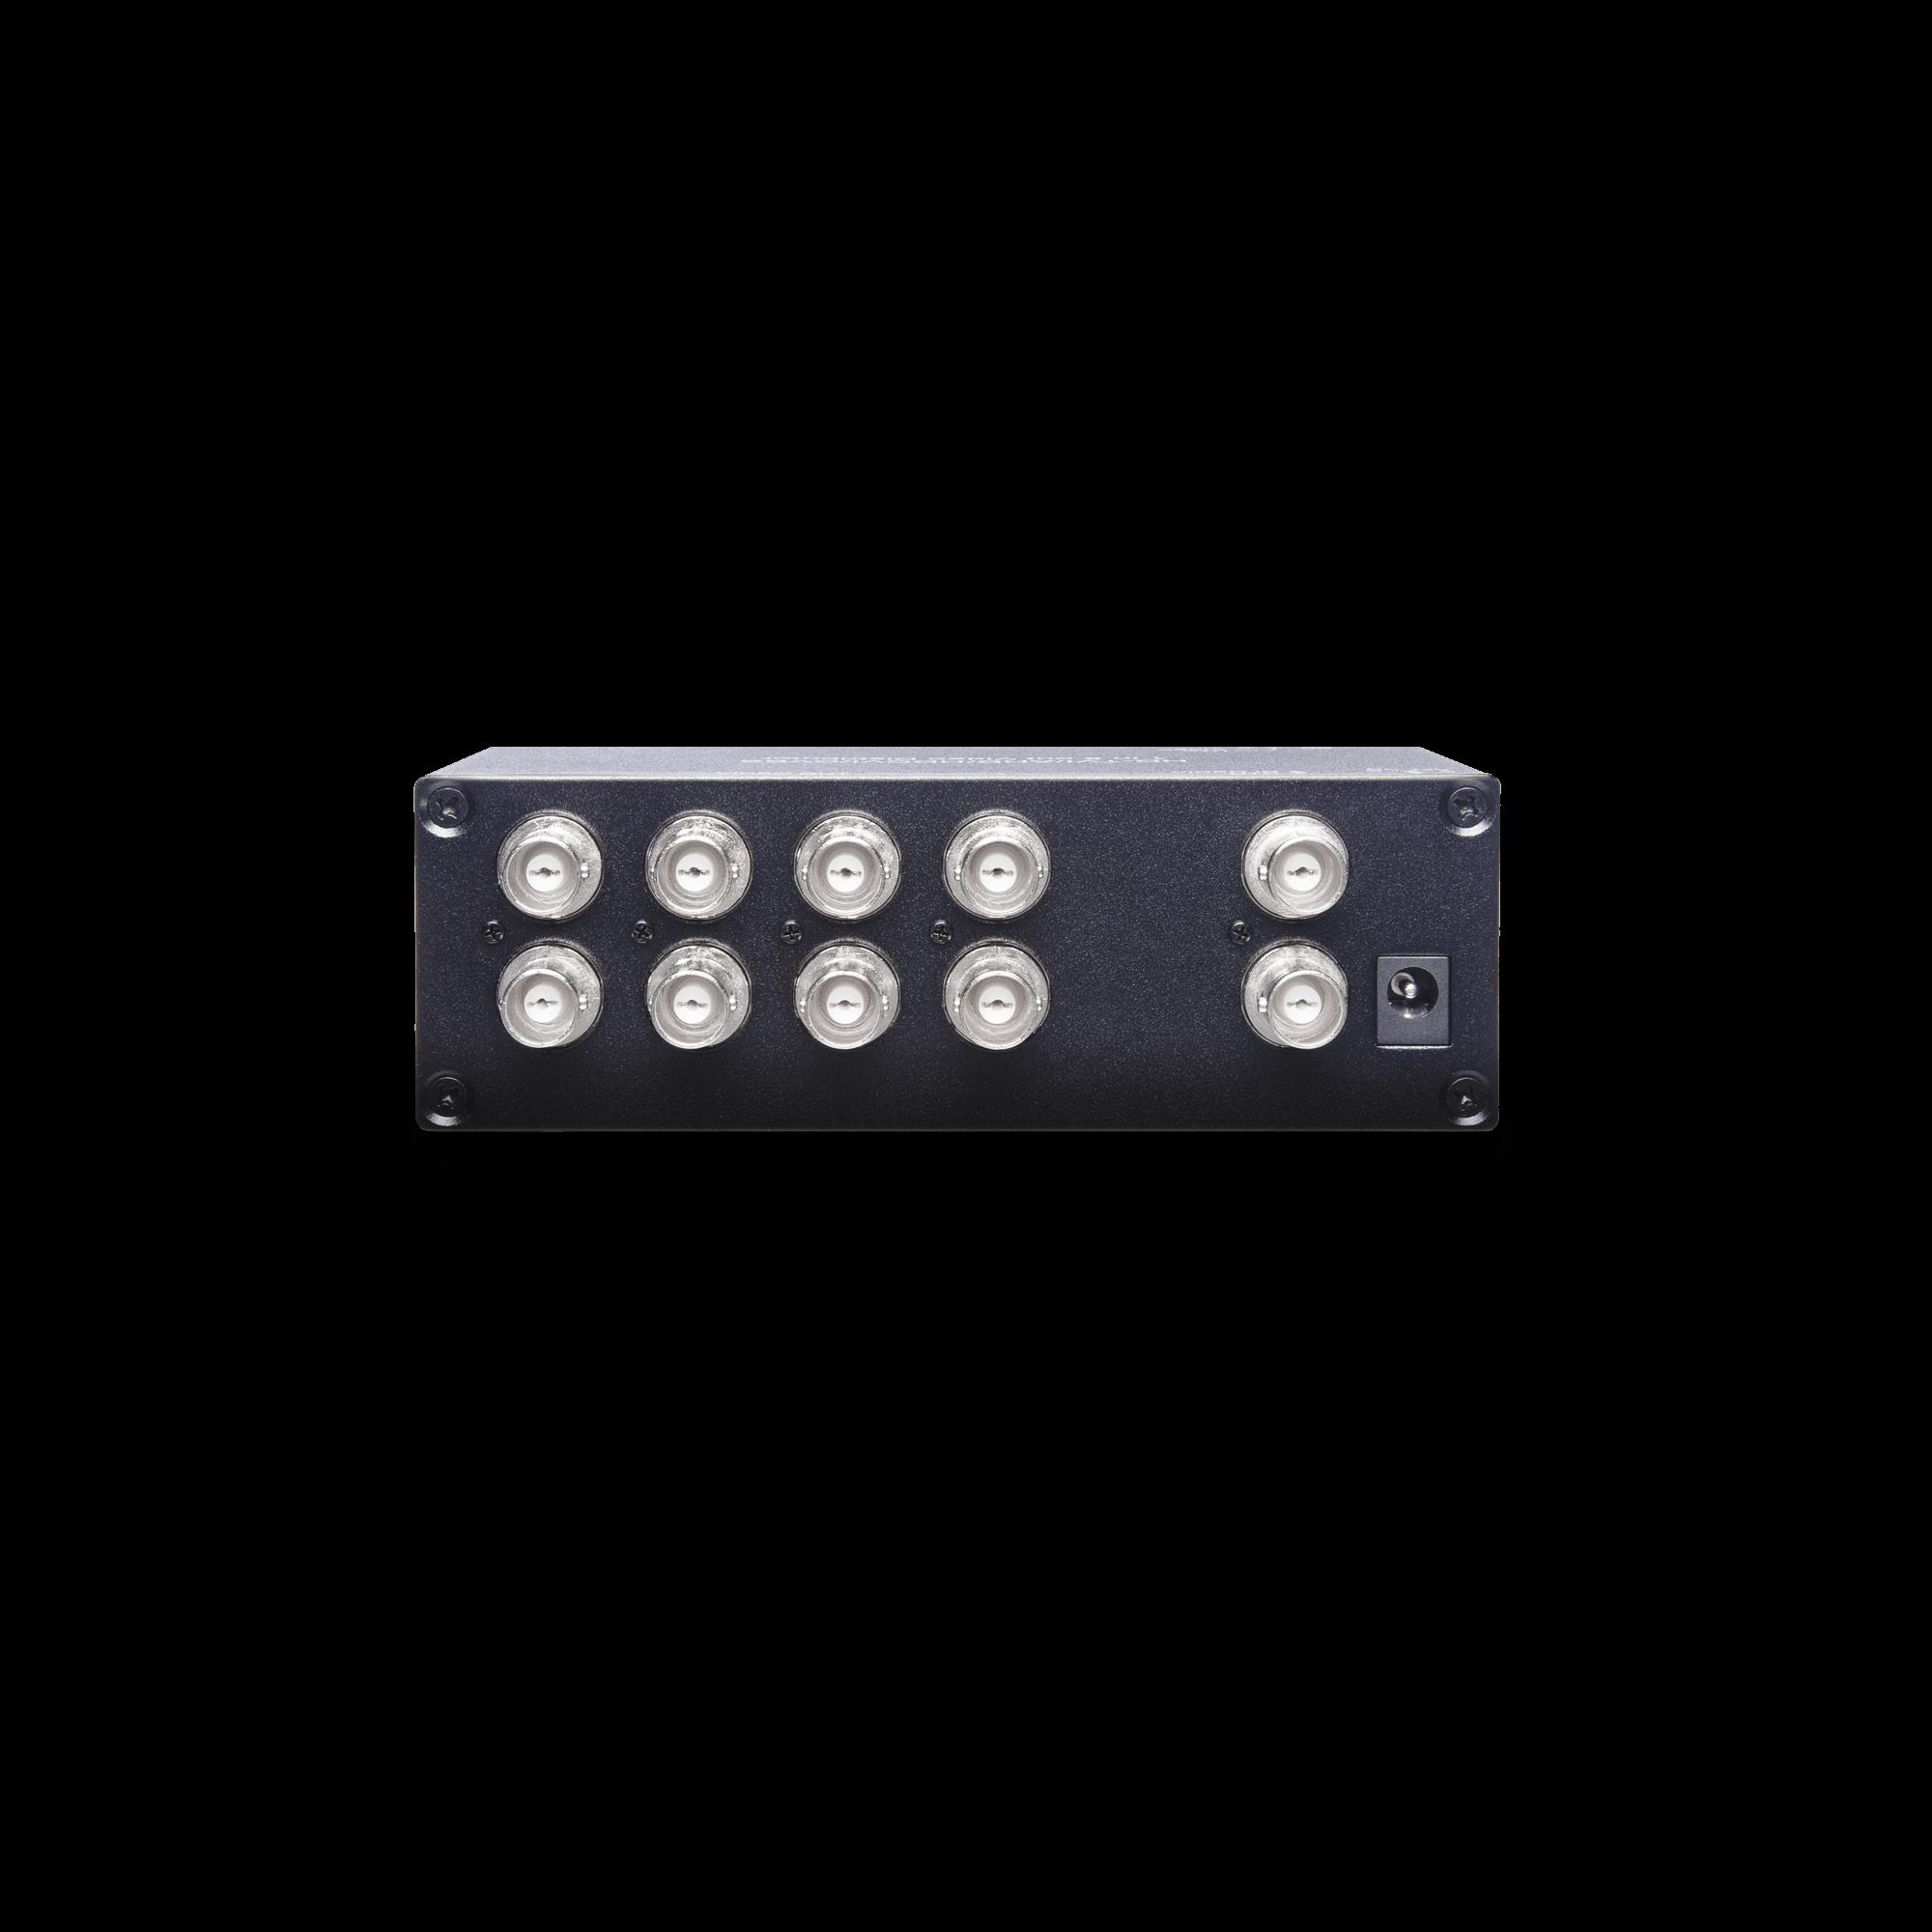 1 x 8 HD-TVI/AHD/HDCVI/CVBS Video Distributor